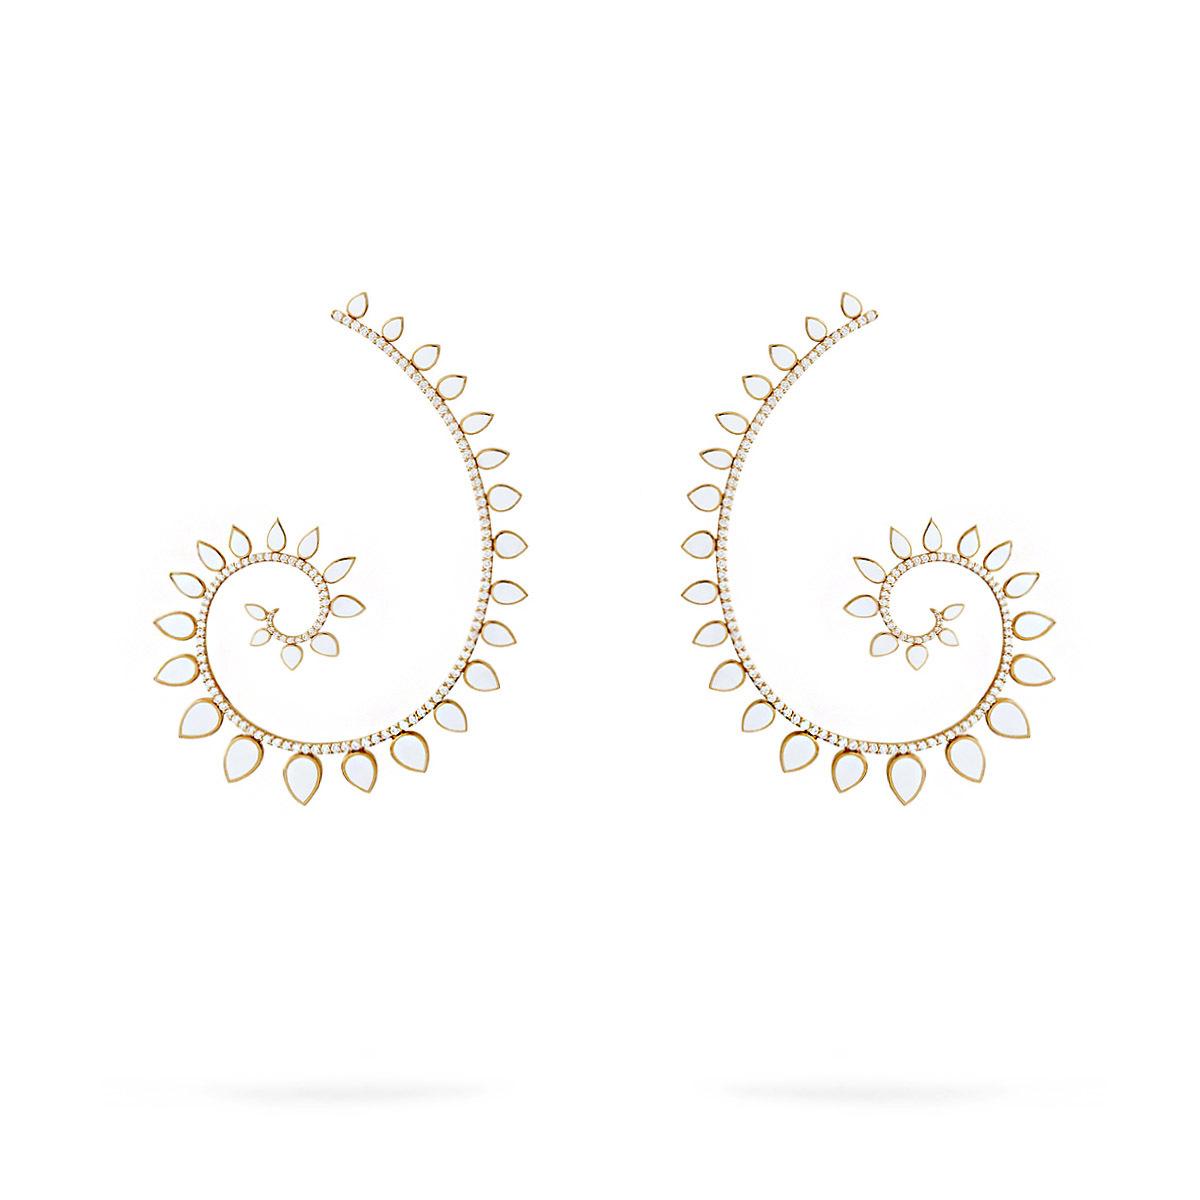 Orecchini in oro rosa, ceramica bianca e diamanti.